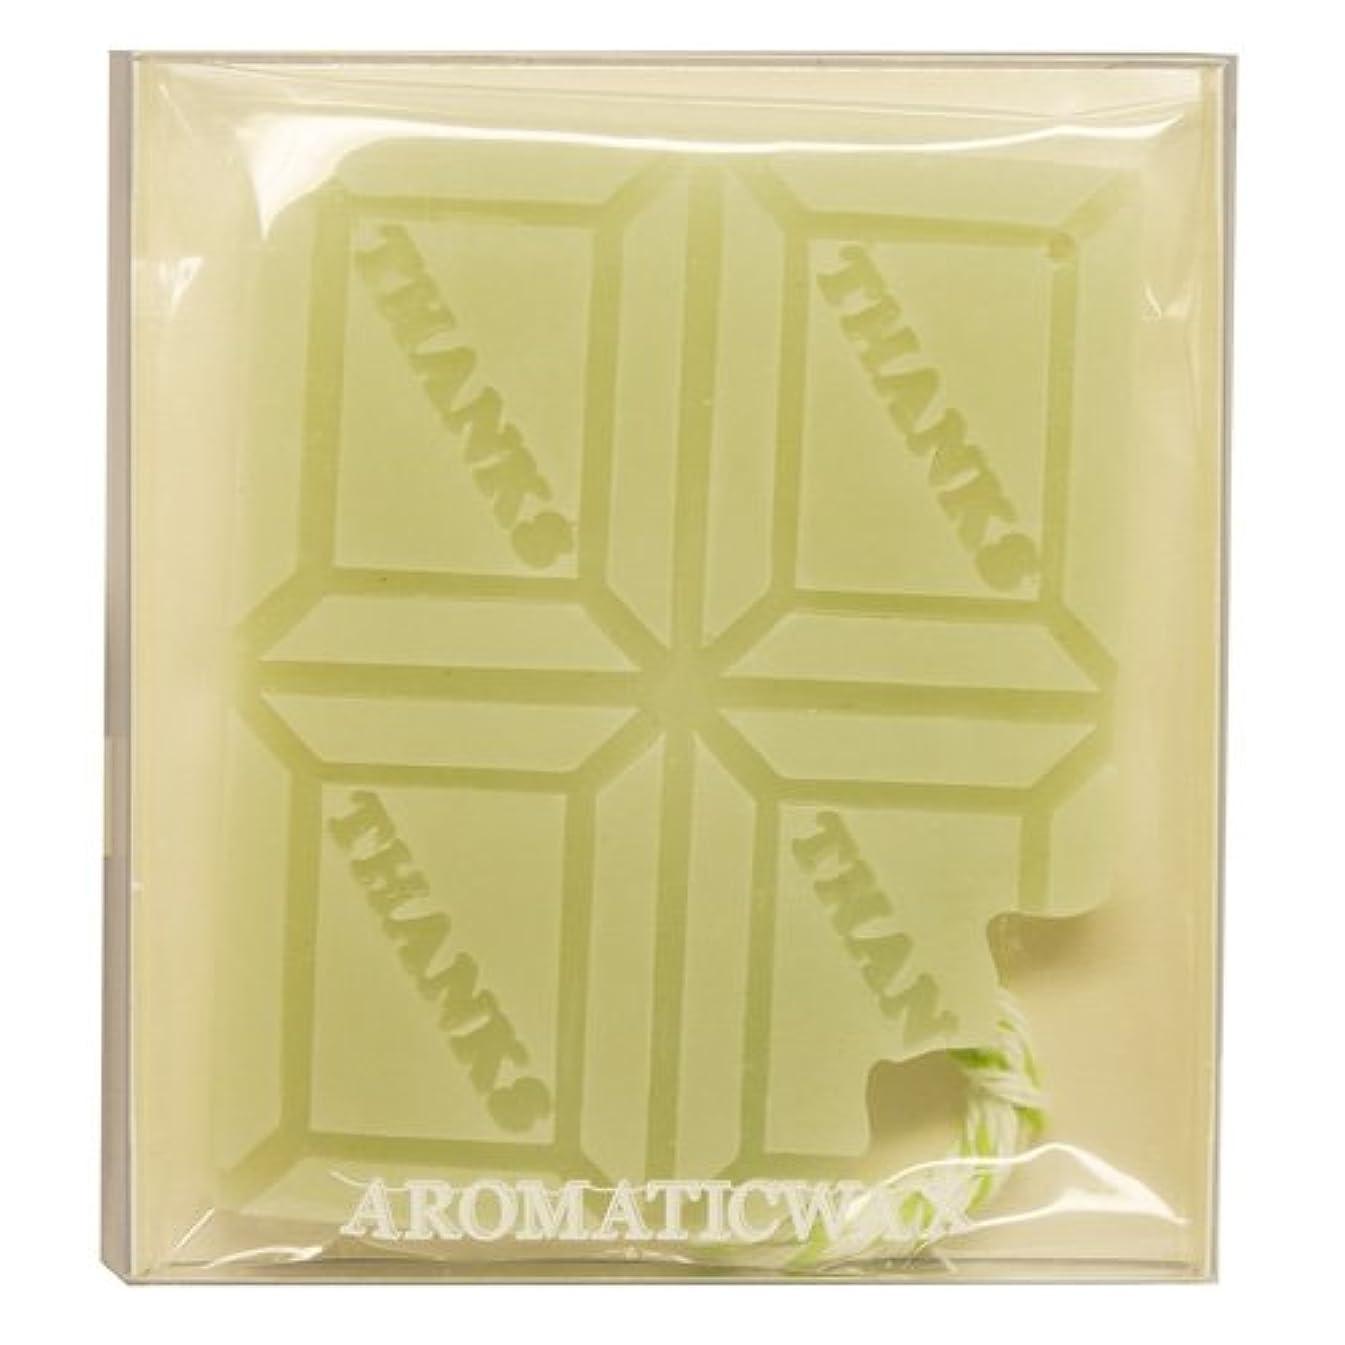 リーダーシップ手配する放置GRASSE TOKYO AROMATICWAXチャーム「板チョコ(THANKS)」(GR) レモングラス アロマティックワックス グラーストウキョウ